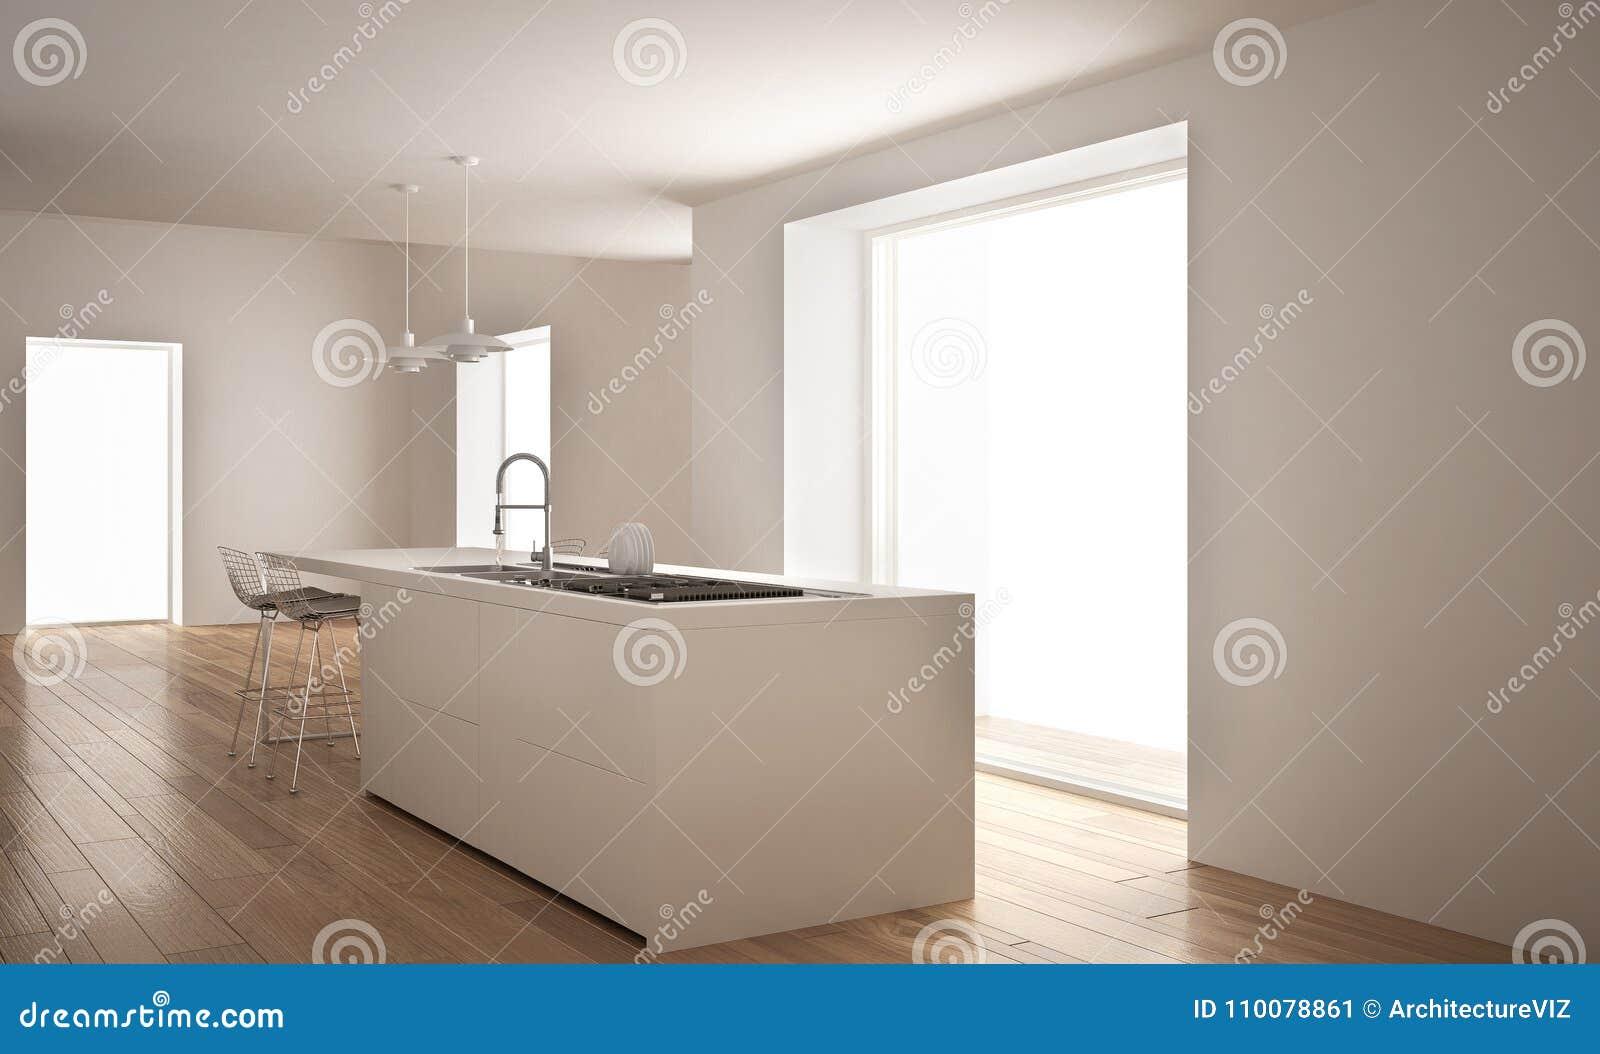 Nowożytna biała kuchnia z wyspą i dużym okno, minimalistyczny architektury wnętrze